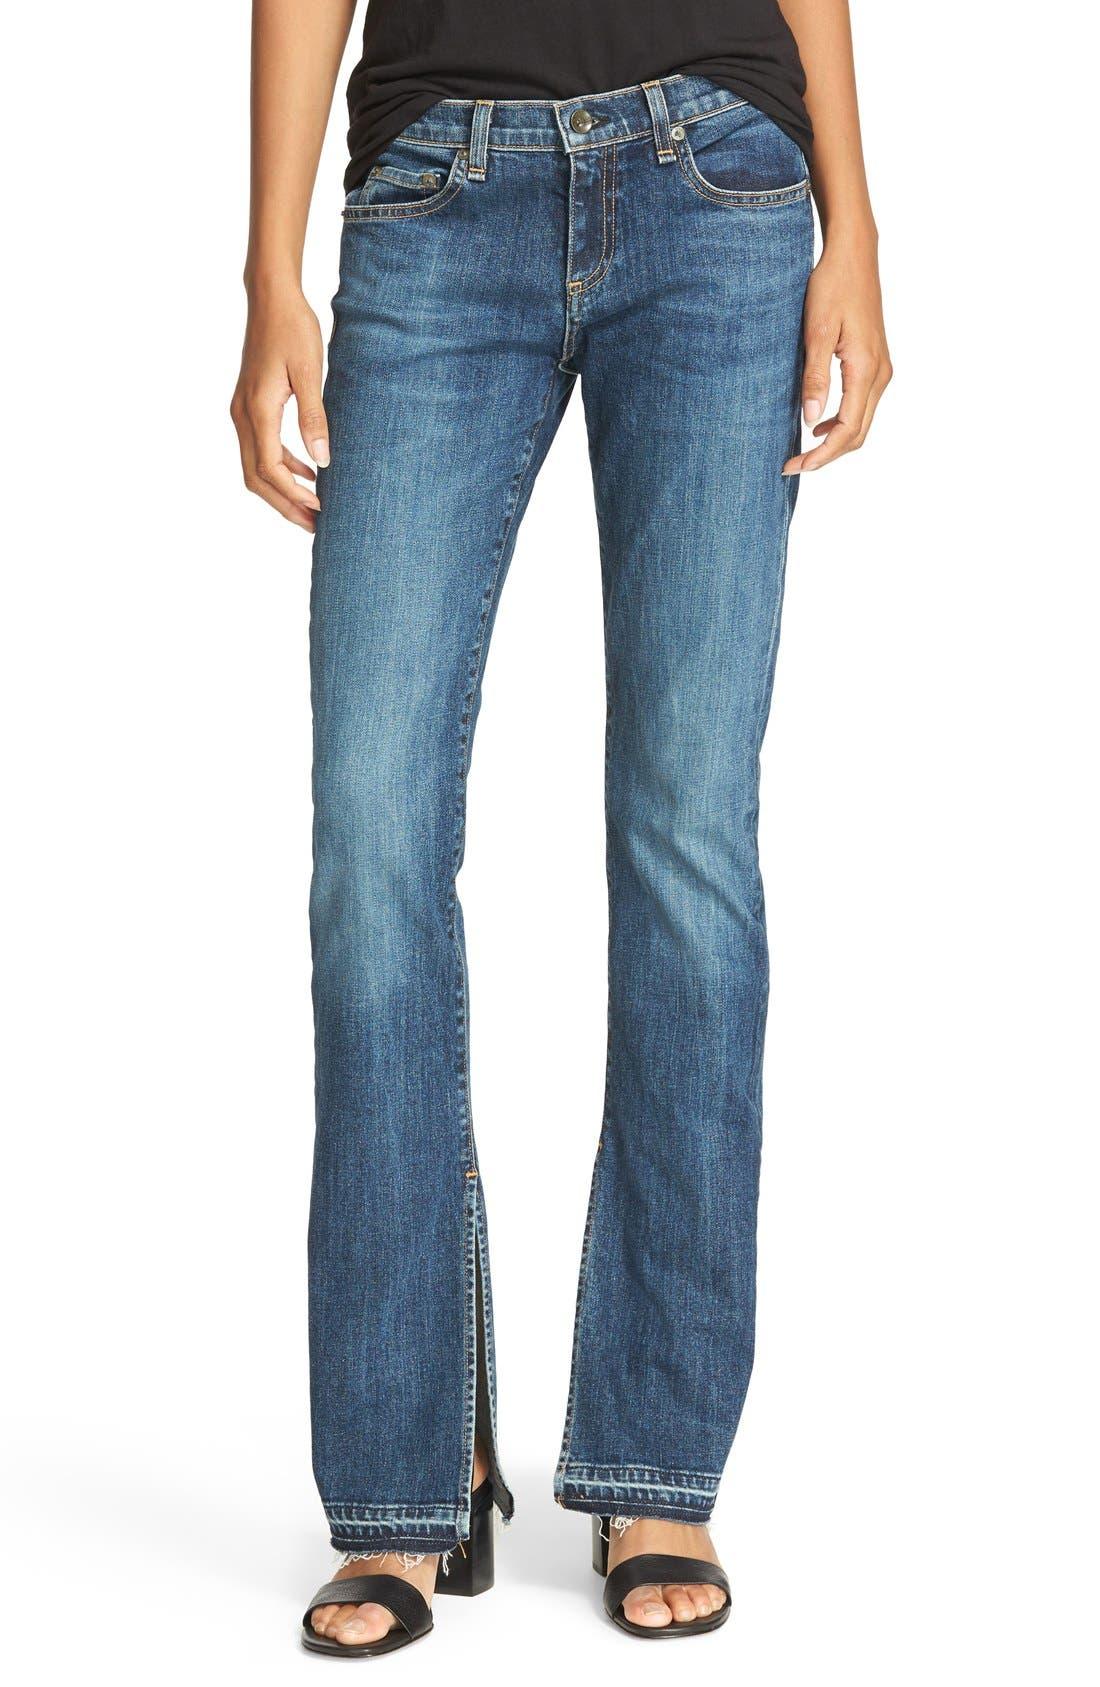 RAG & BONE/JEAN Lottie High Waist Bootcut Jeans